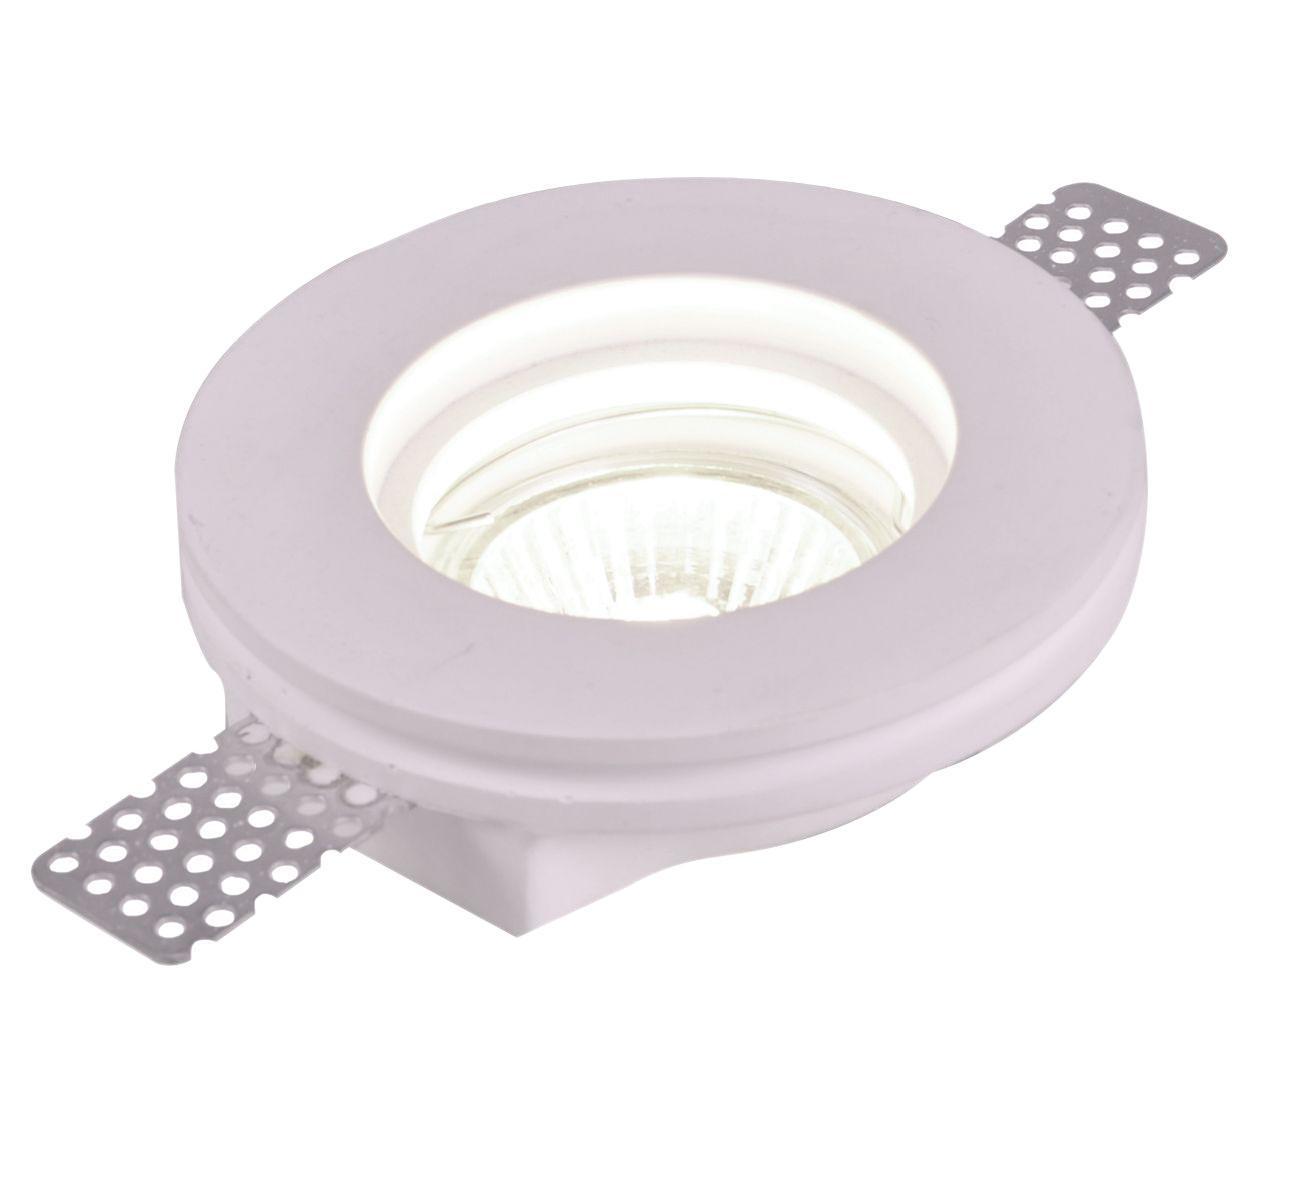 Светильник встраиваемый Arte lampСветильники встраиваемые<br>Стиль светильника: модерн, Диаметр: 100, Форма светильника: круг, Материал светильника: металл, Количество ламп: 1, Тип лампы: накаливания, Мощность: 35, Патрон: GU10, Цвет арматуры: белый, Назначение светильника: для комнаты, Вес нетто: 0.2, Коллекция: 9210<br>